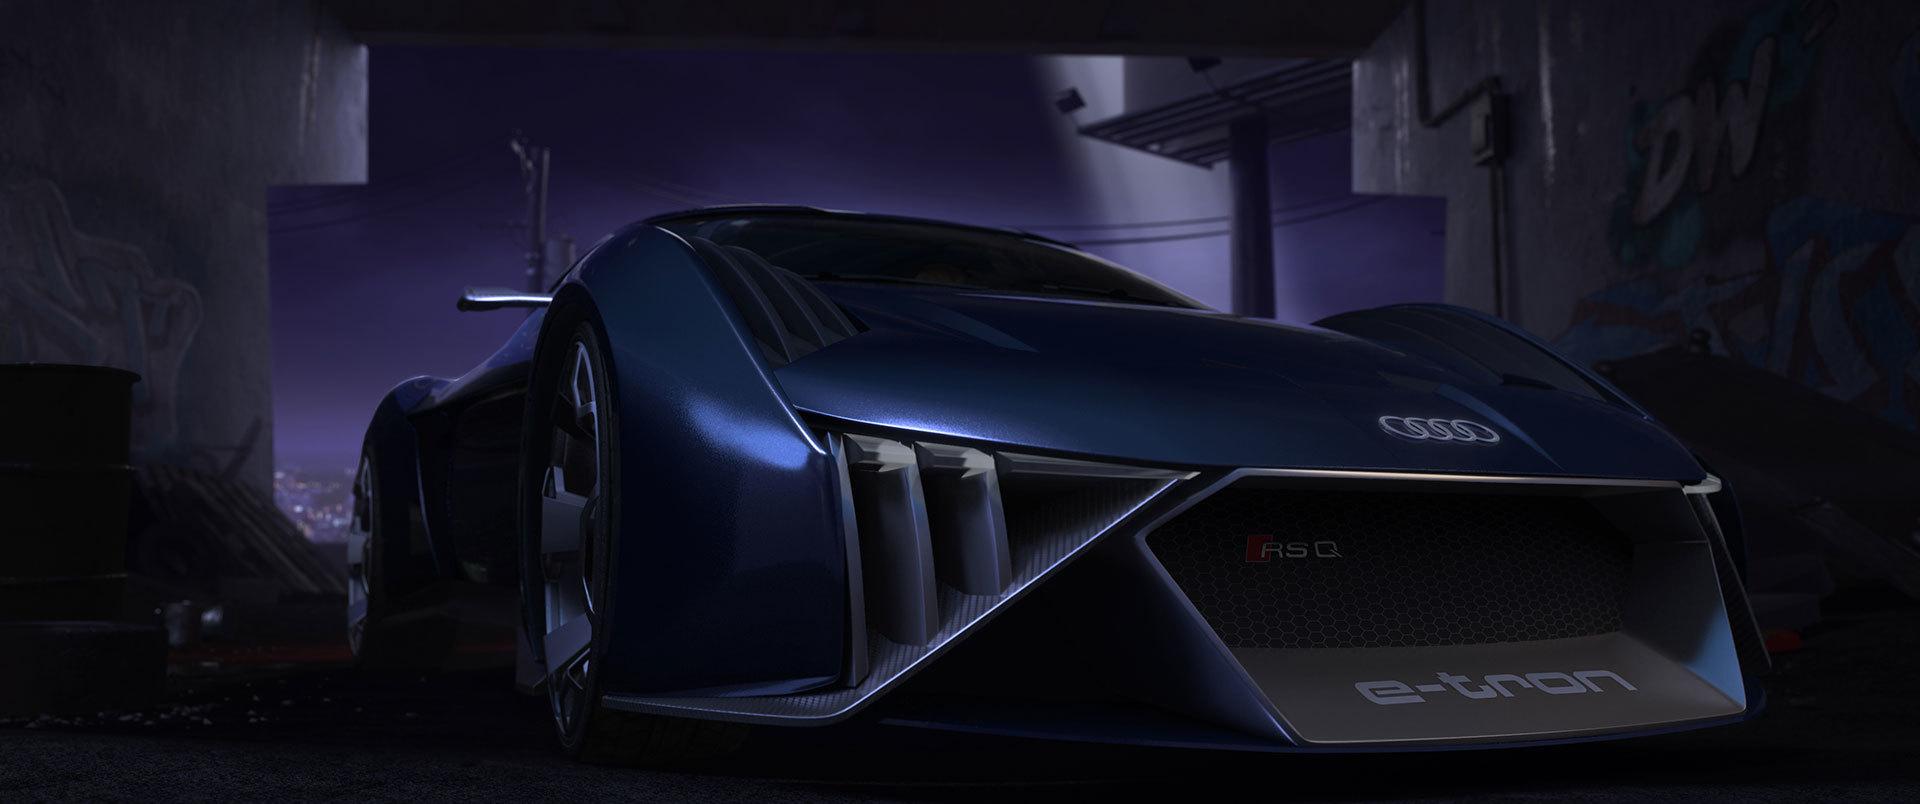 Audi RSQe-tron